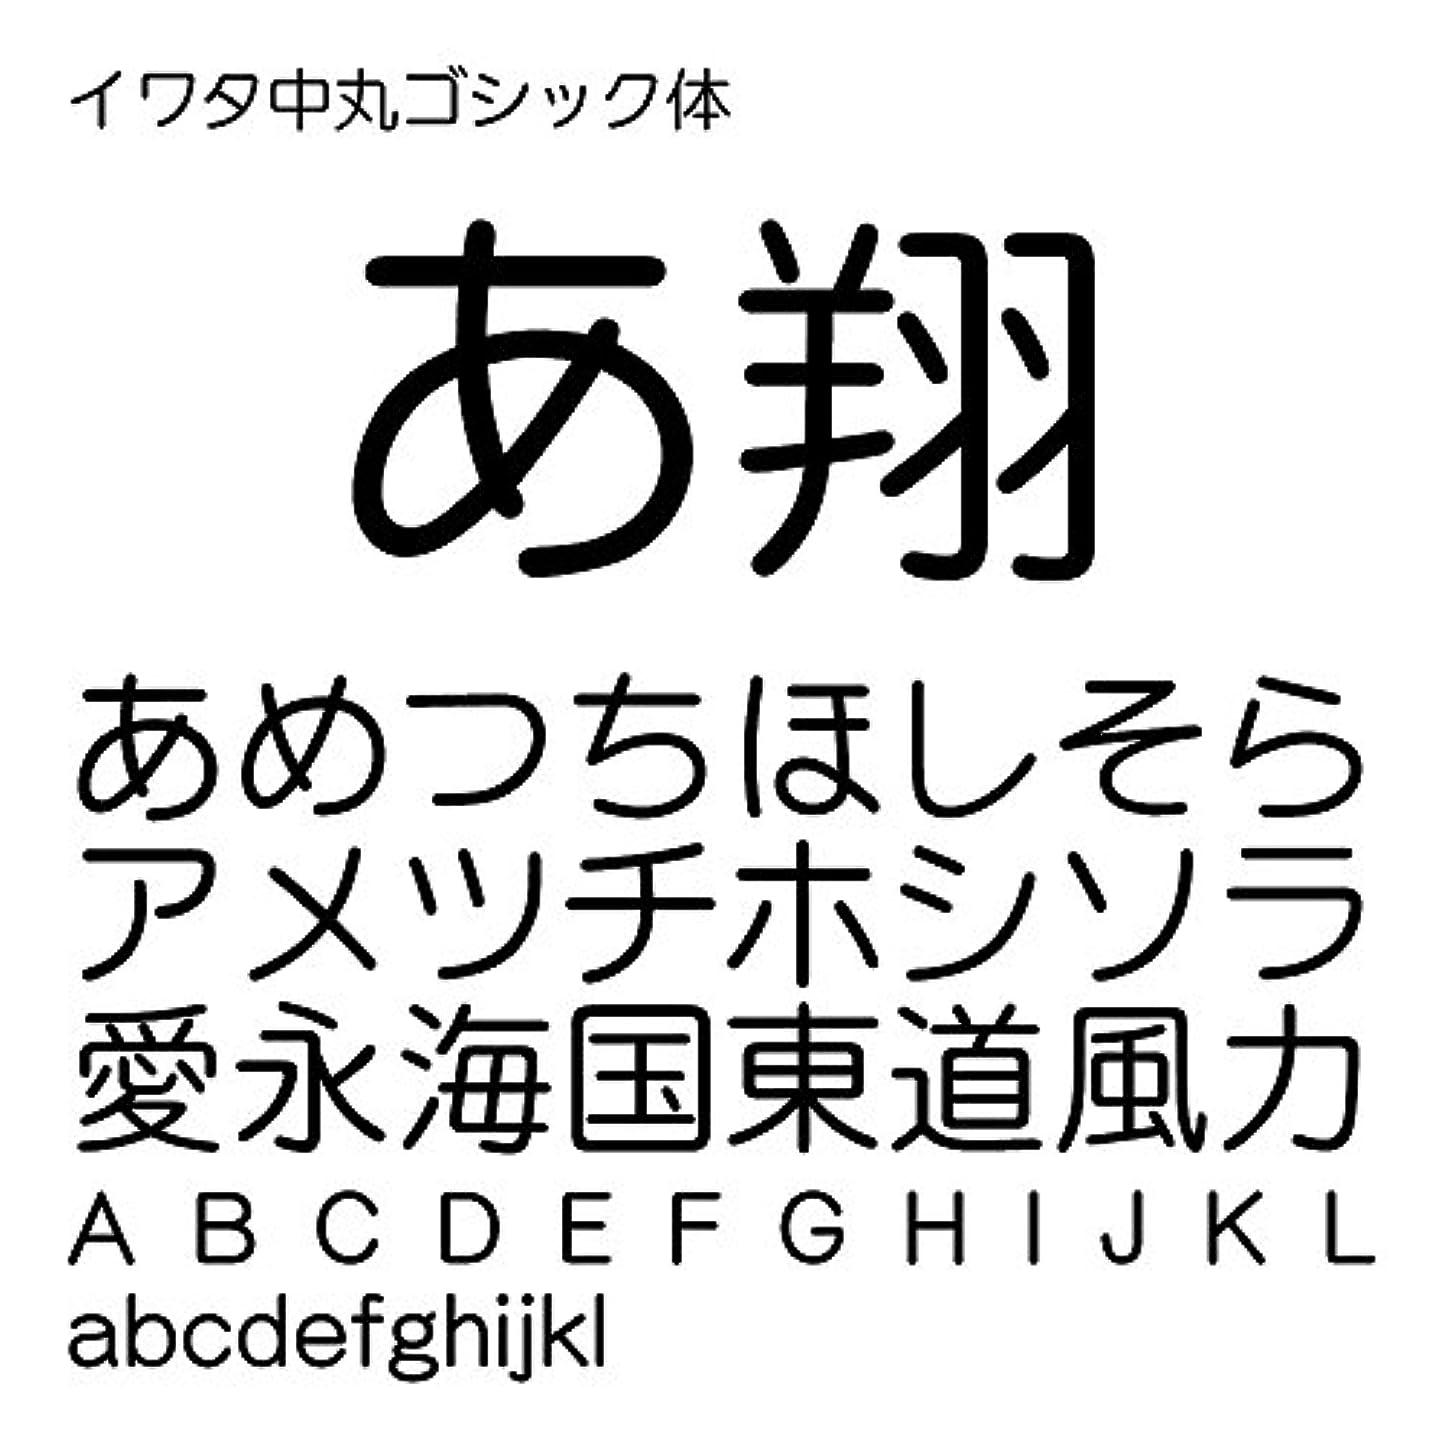 トマト従者泳ぐイワタ中丸ゴシック体Pro OpenType Font for Windows [ダウンロード]